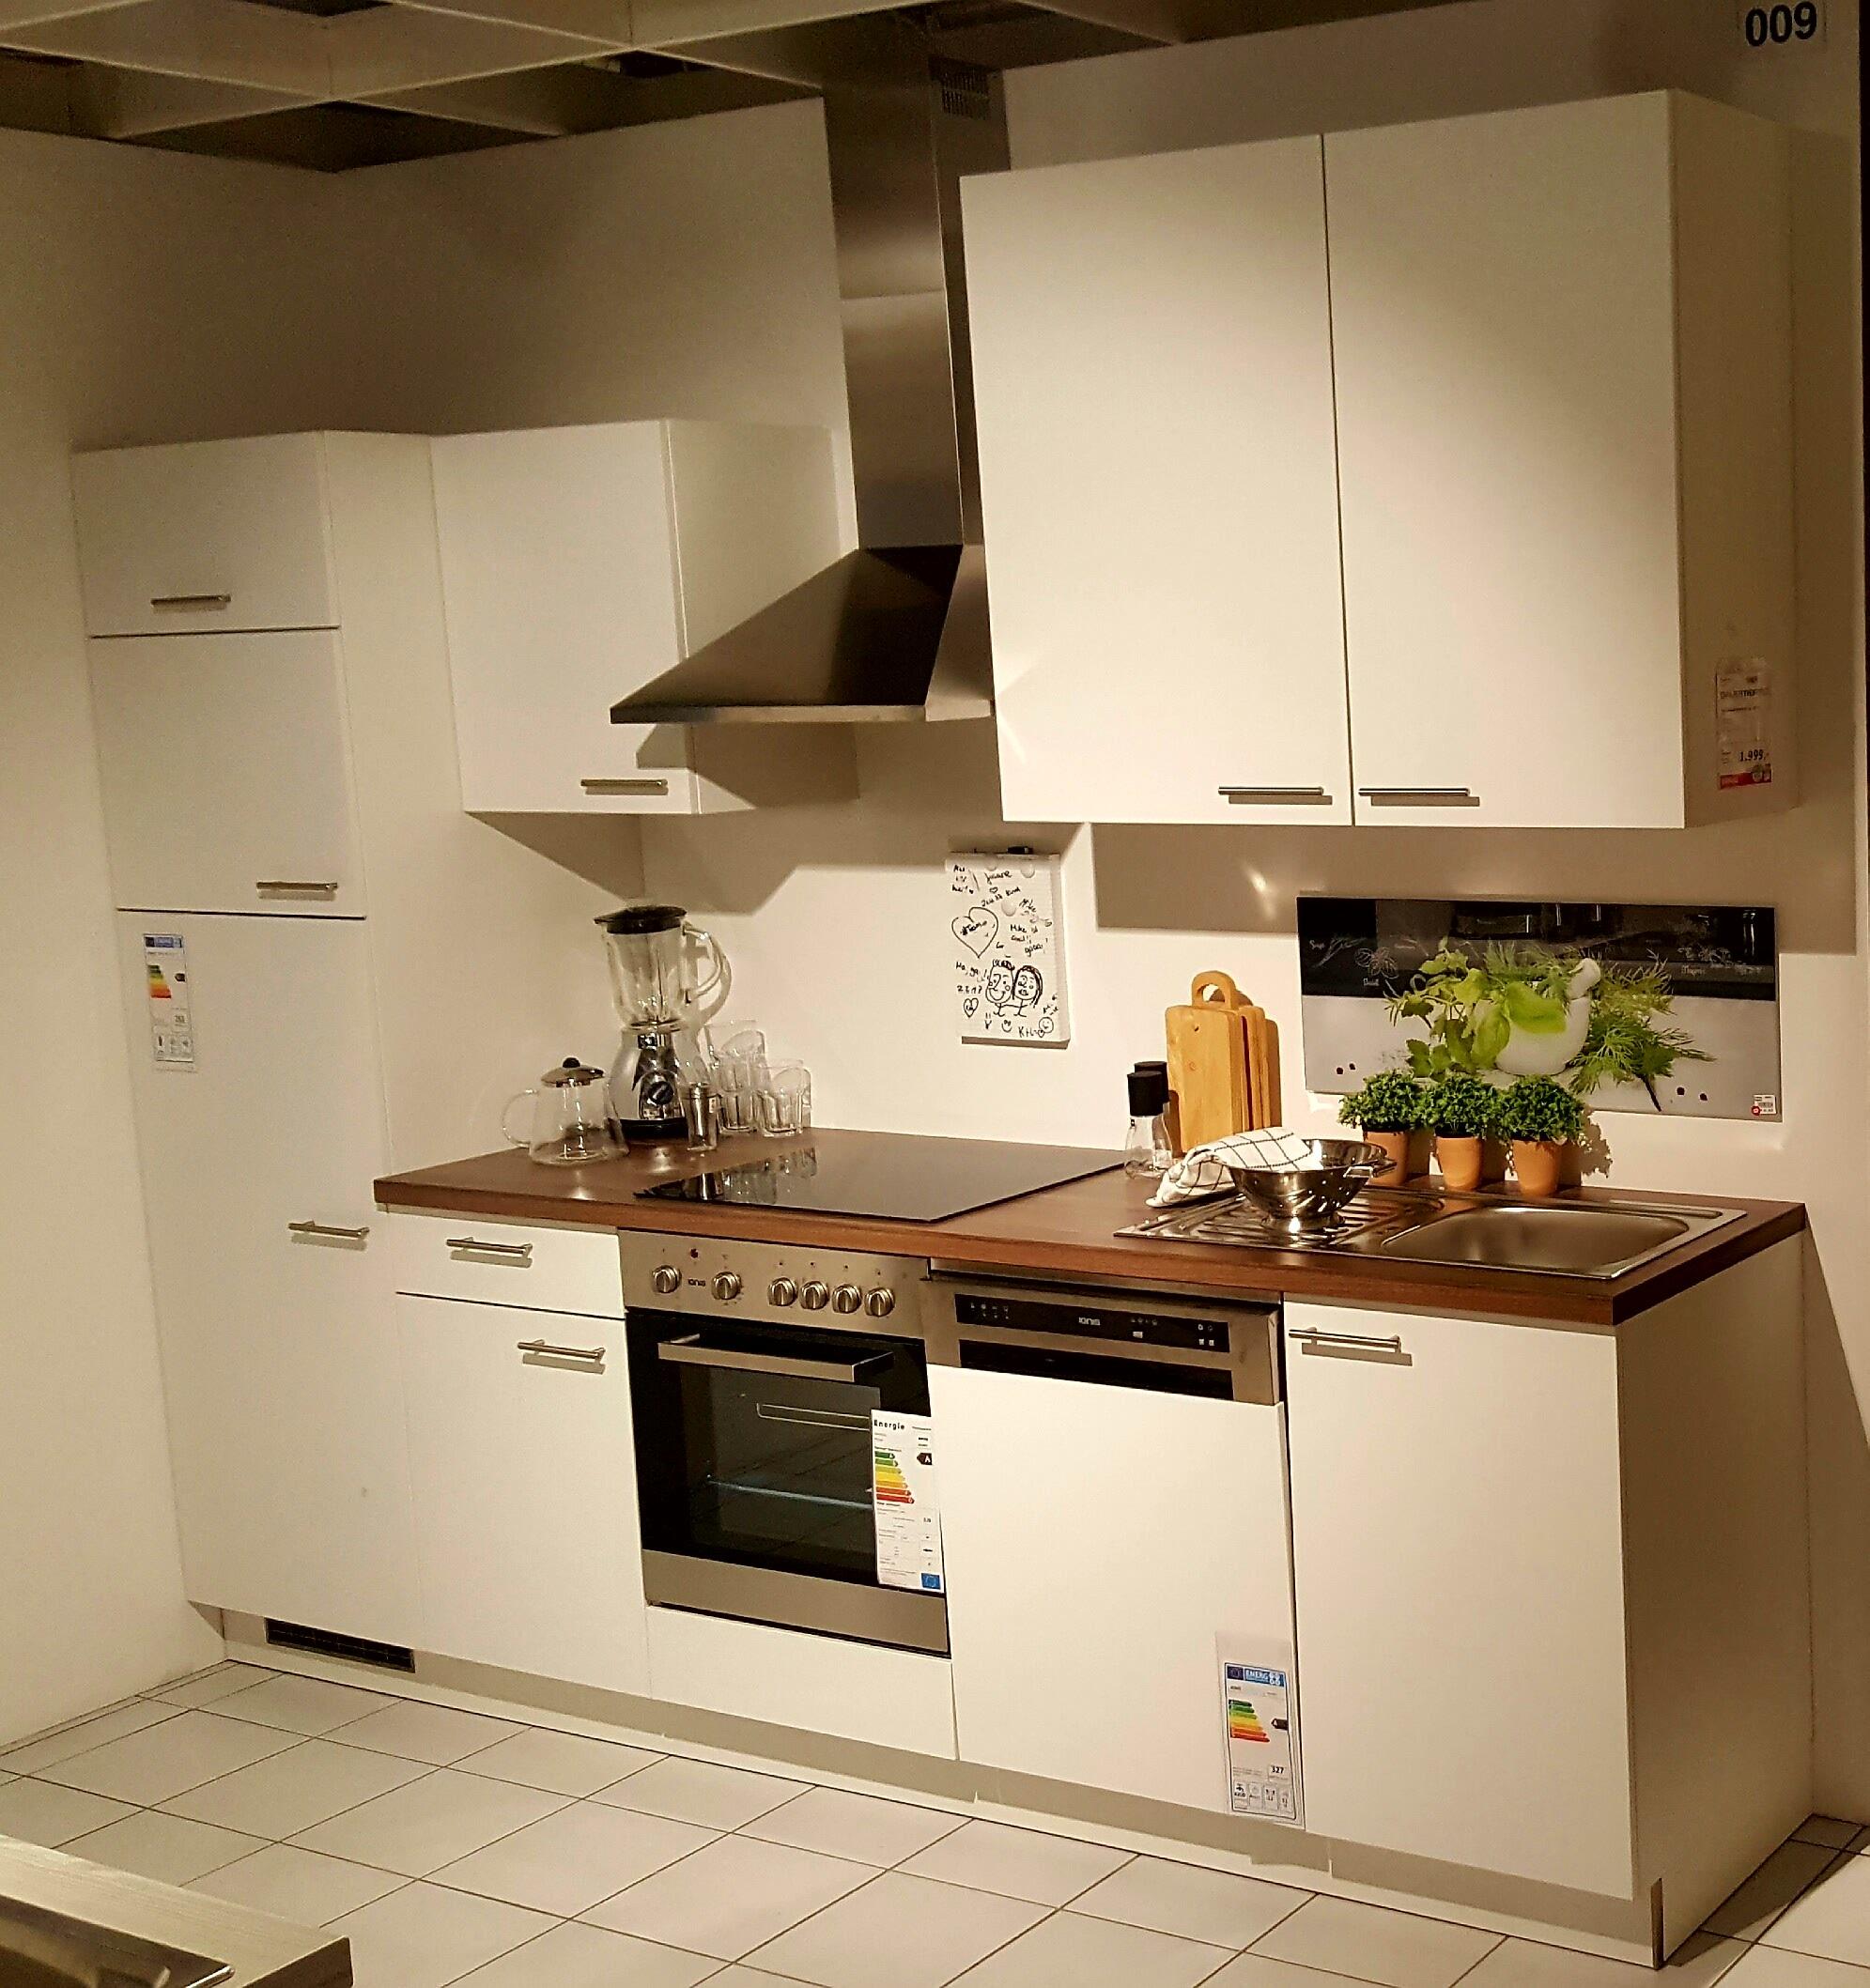 küche planen kostenlos | bnbnews.co - Möbel Höffner Küchen